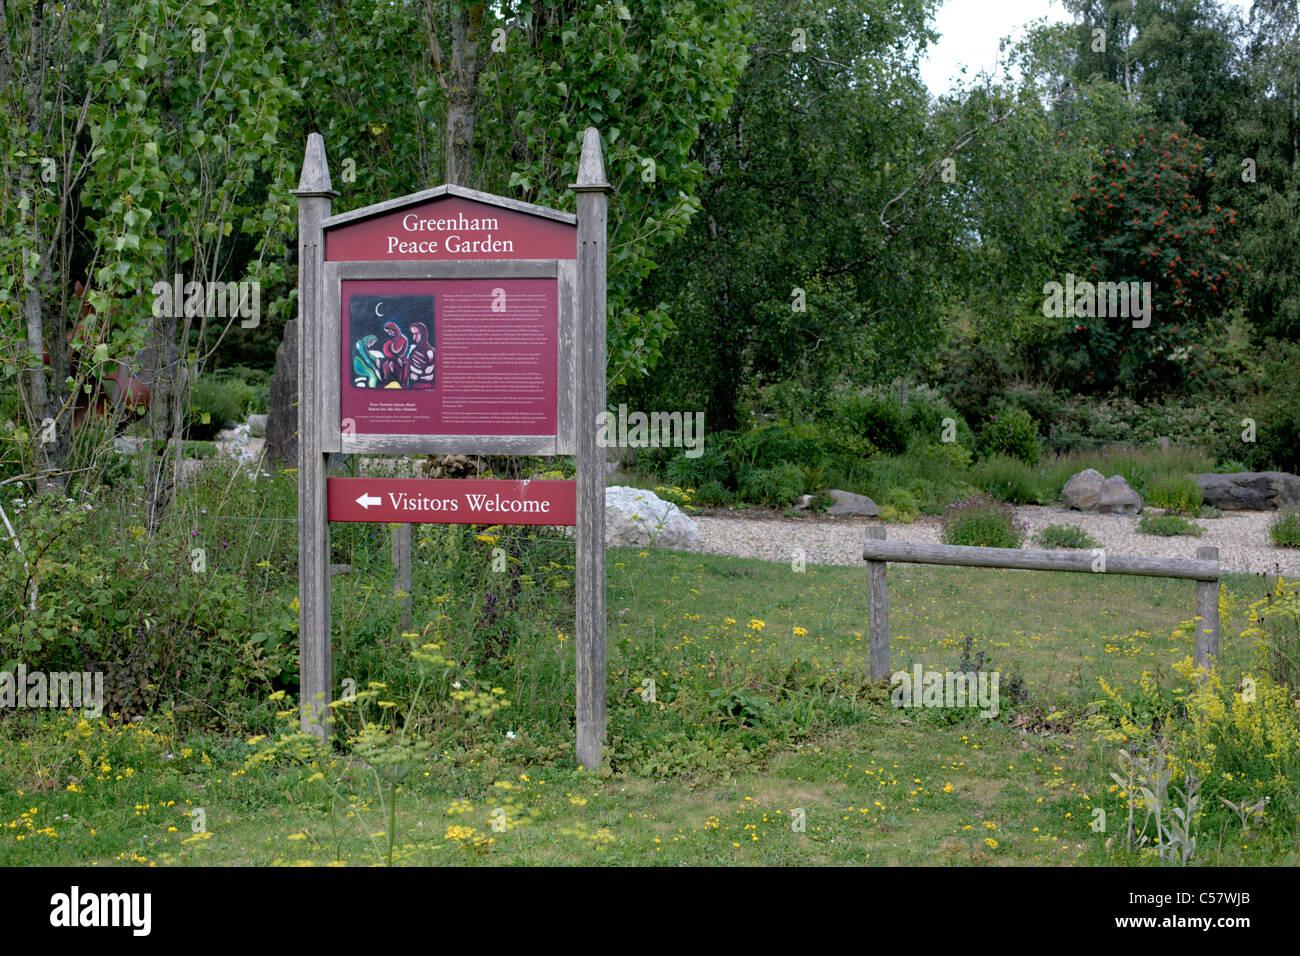 Greenham Peace Garden Newbury Berkshire Inglaterra sitio del antiguo campamento de mujeres por la paz Imagen De Stock